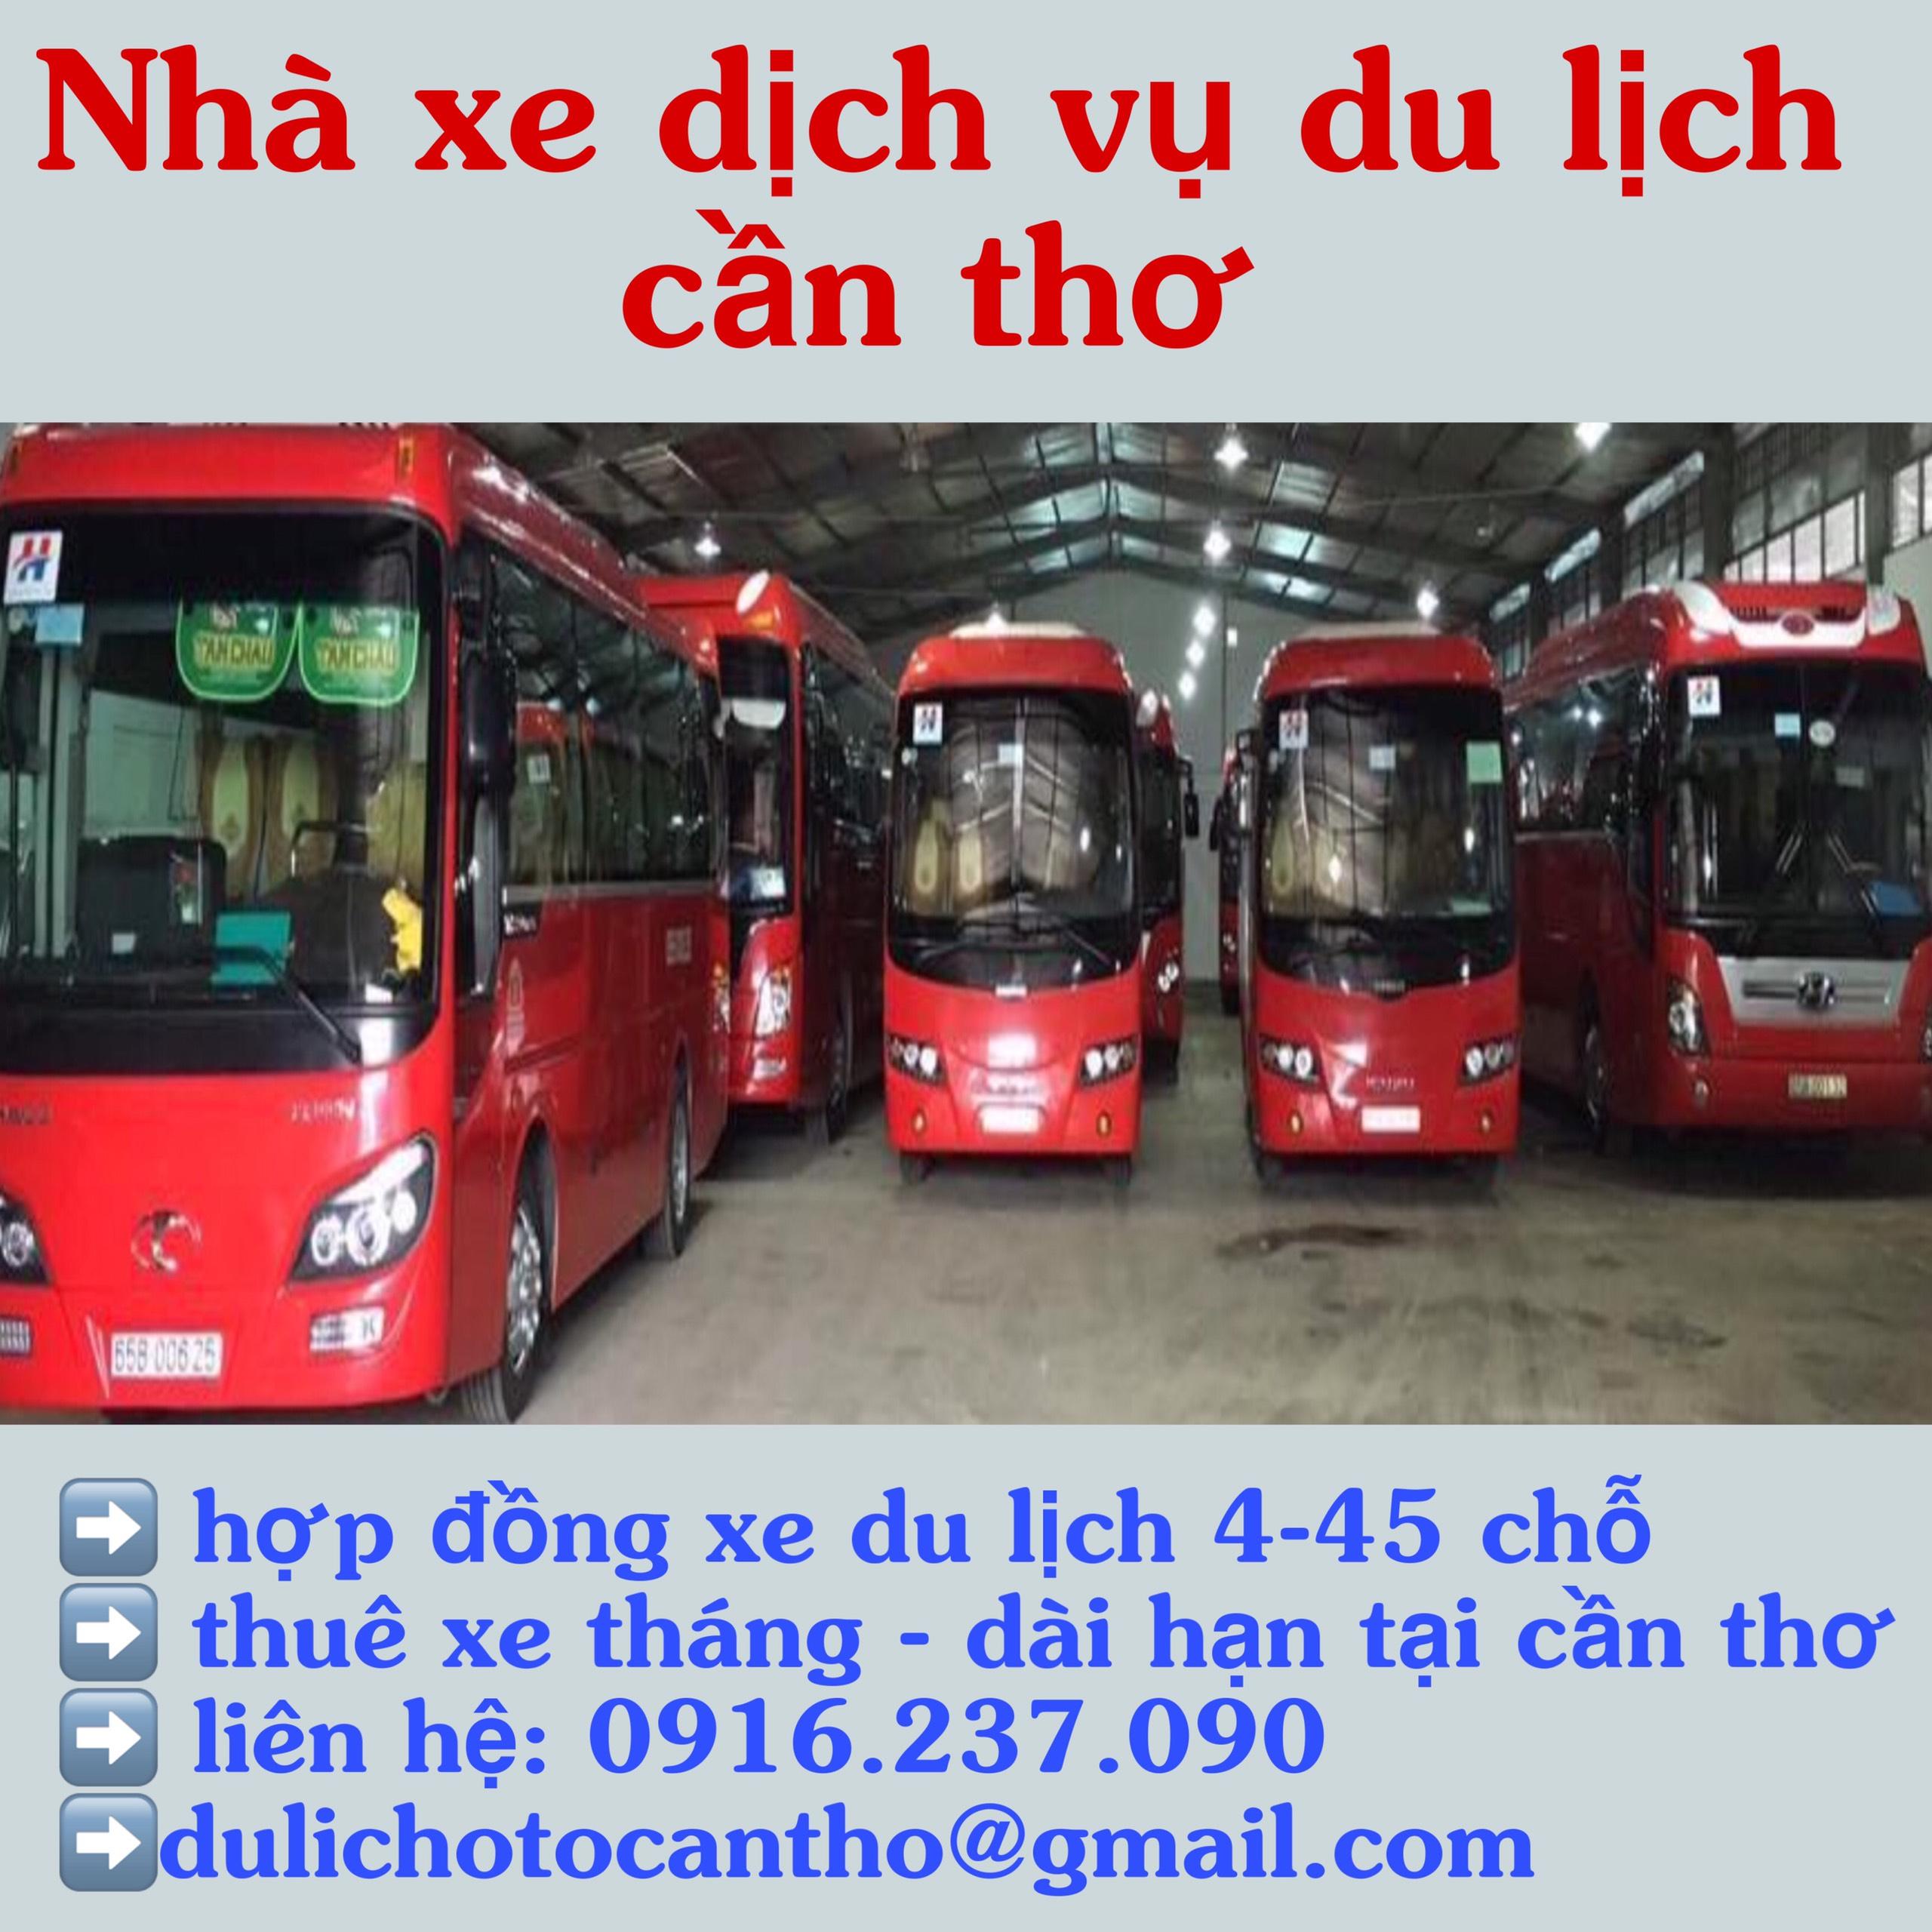 Nhà xe dịch vụ du lịch 4-7-16 chỗ tại cần thơ